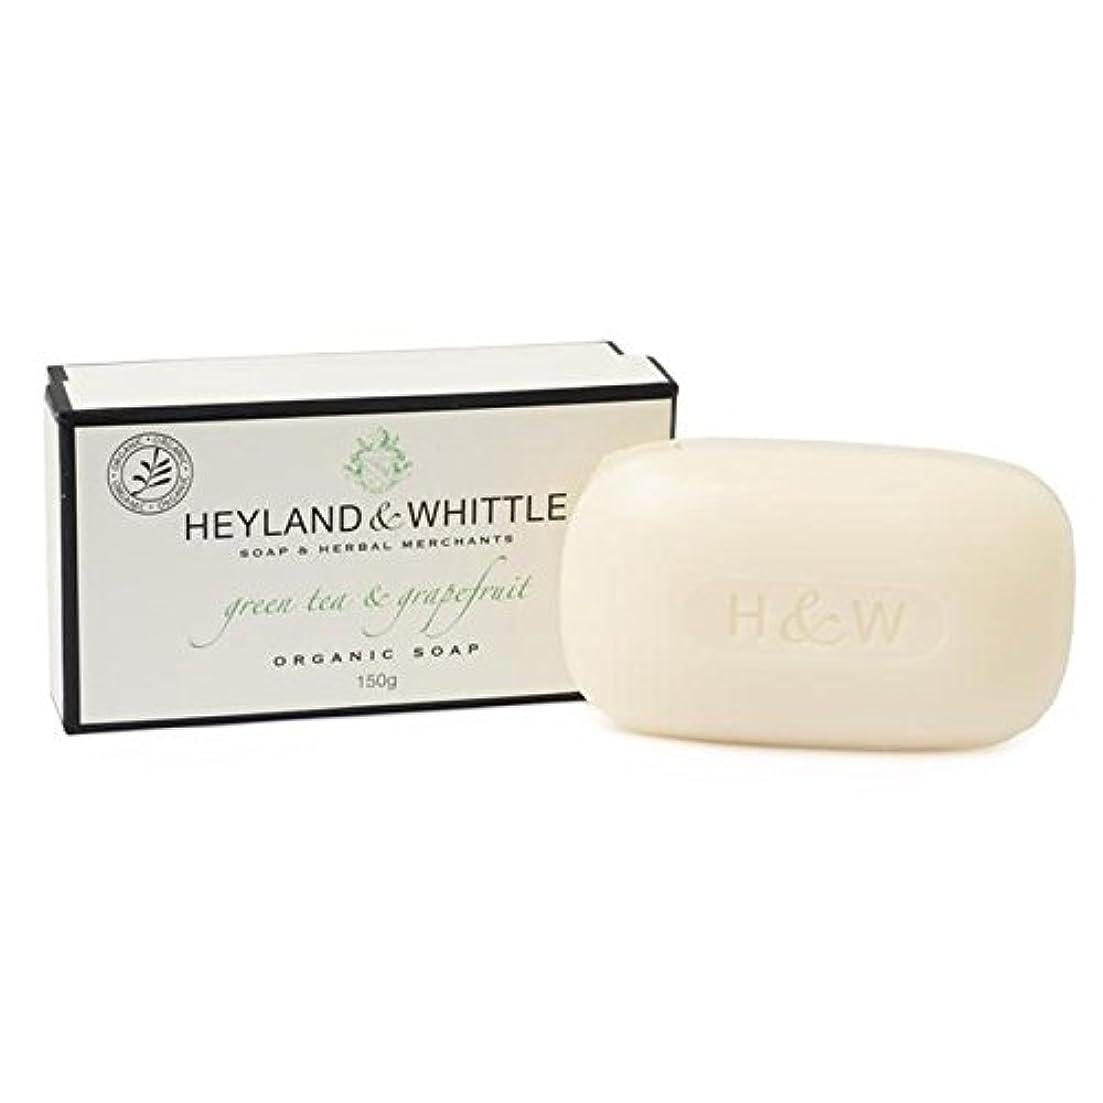 を必要としています住む面白いHeyland & Whittle Green Tea & Grapefruit Boxed Organic Soap 150g (Pack of 6) - &削る緑茶&グレープフルーツはオーガニックソープ150グラム箱入り x6 [並行輸入品]